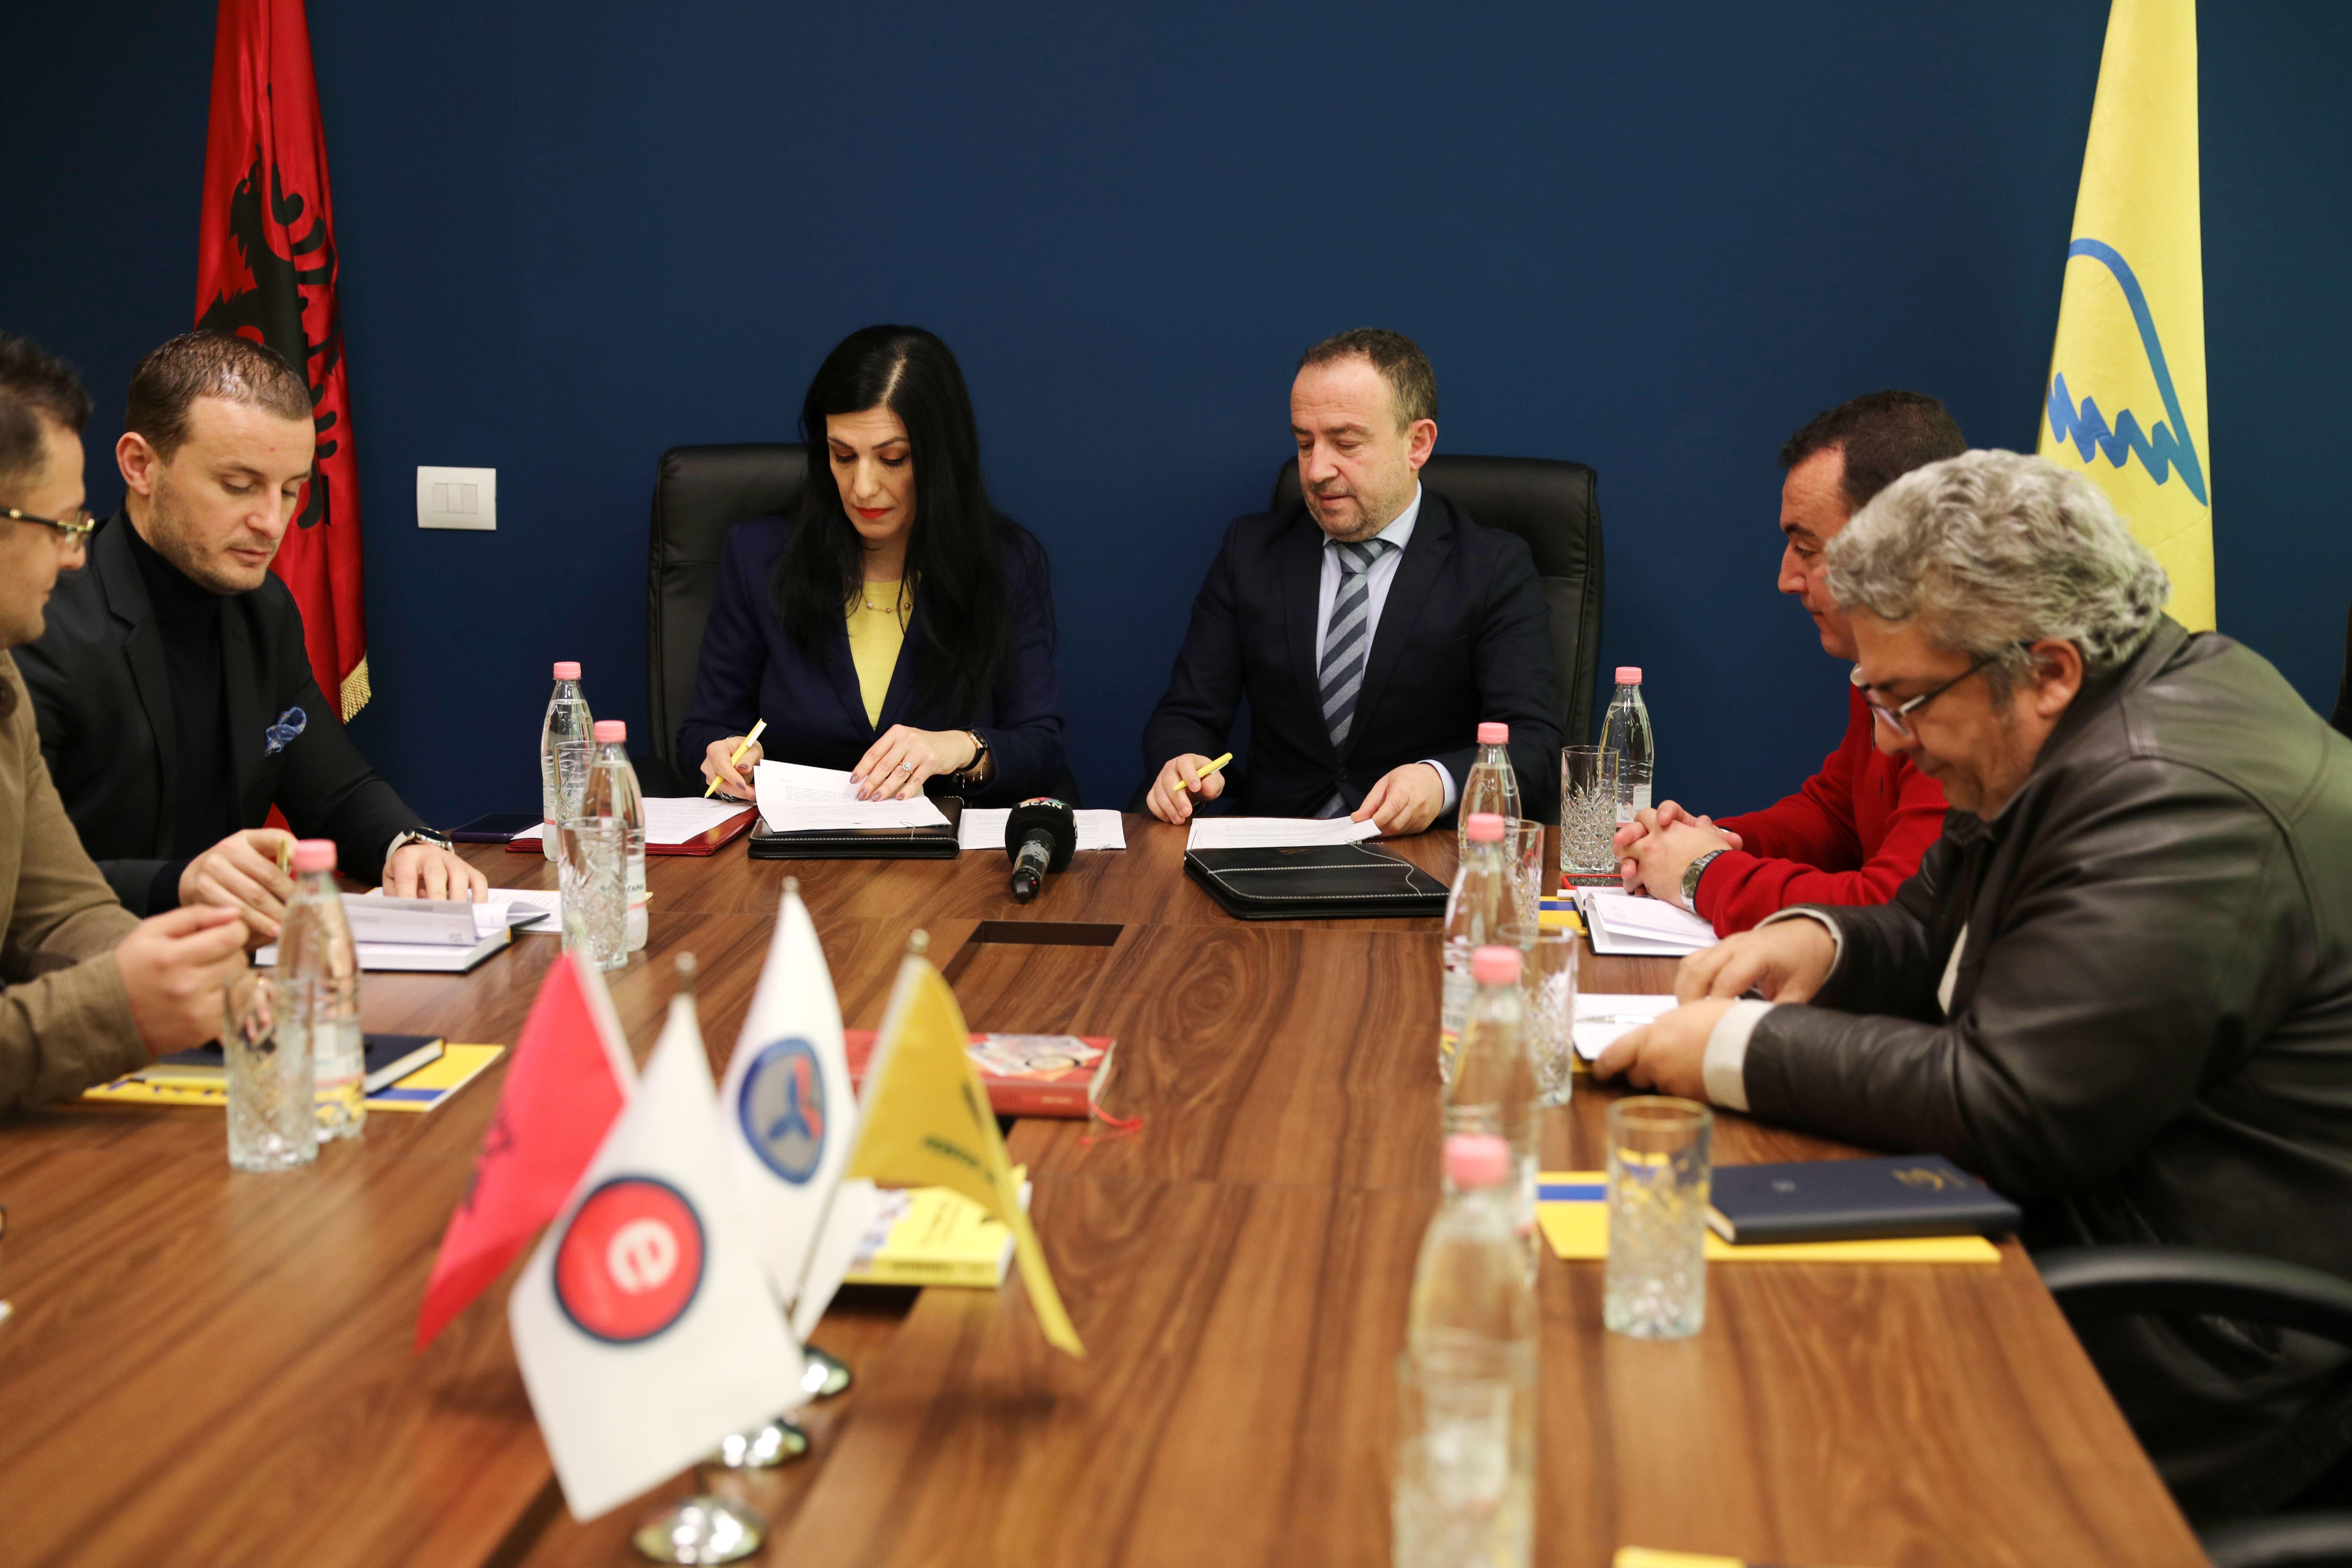 Marrëveshje bashkëpunimi mes AKSHI-t dhe Postës Shqiptare